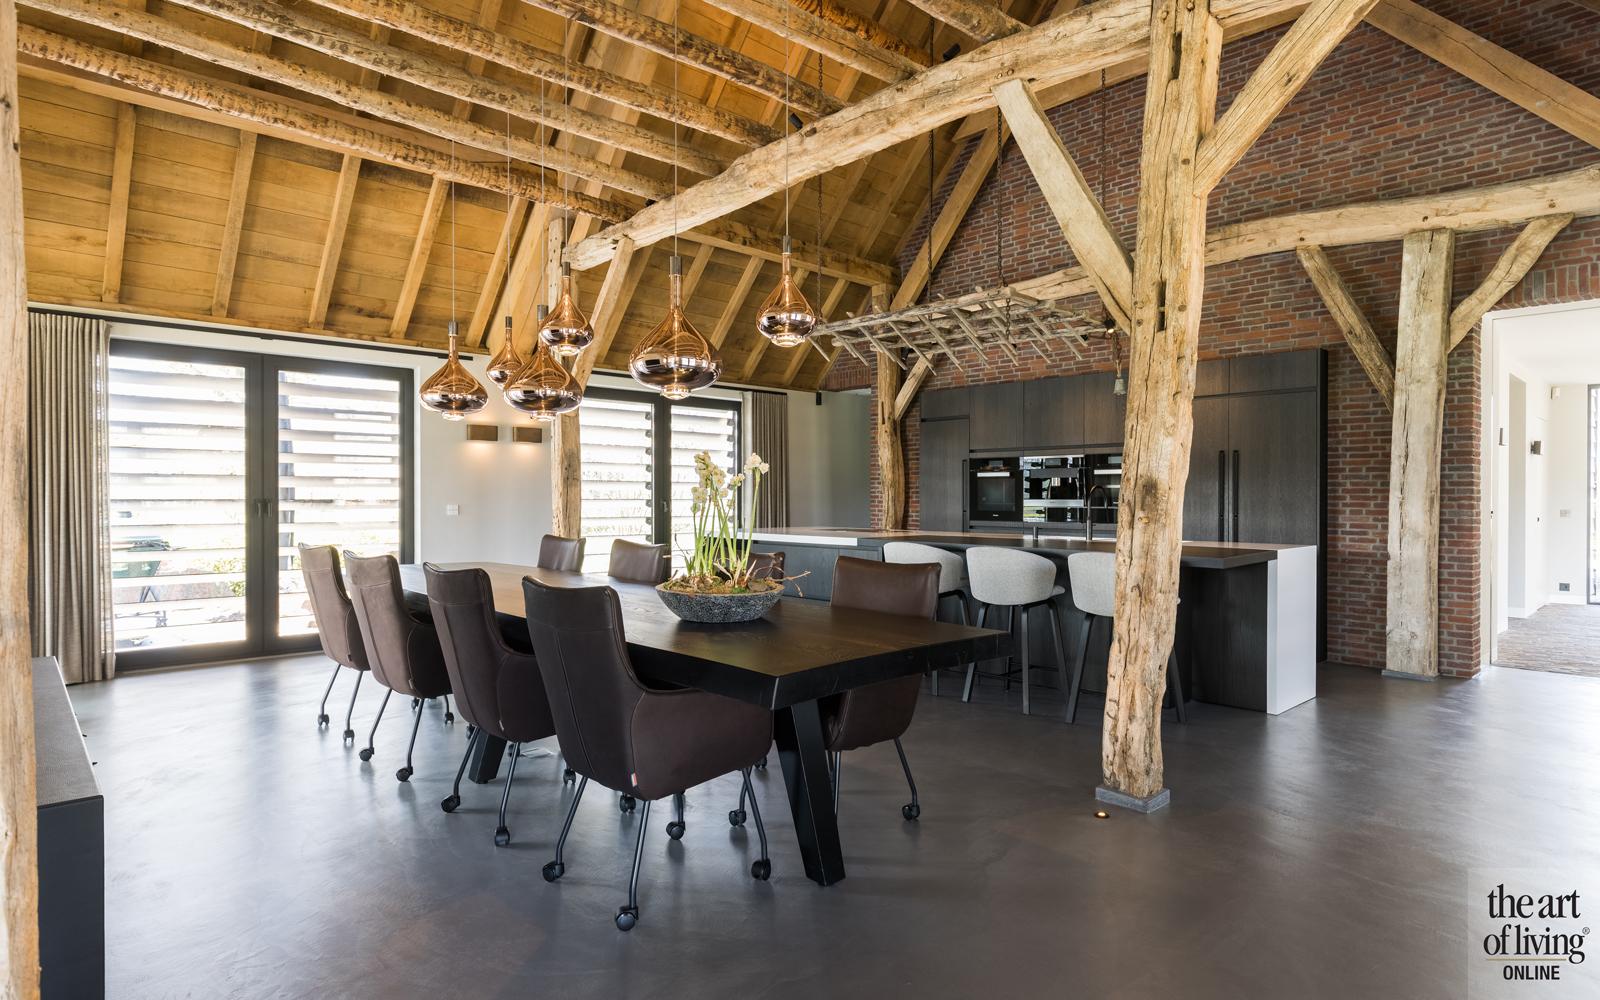 Boerderijvilla | Drijvers Architecten, the art of living